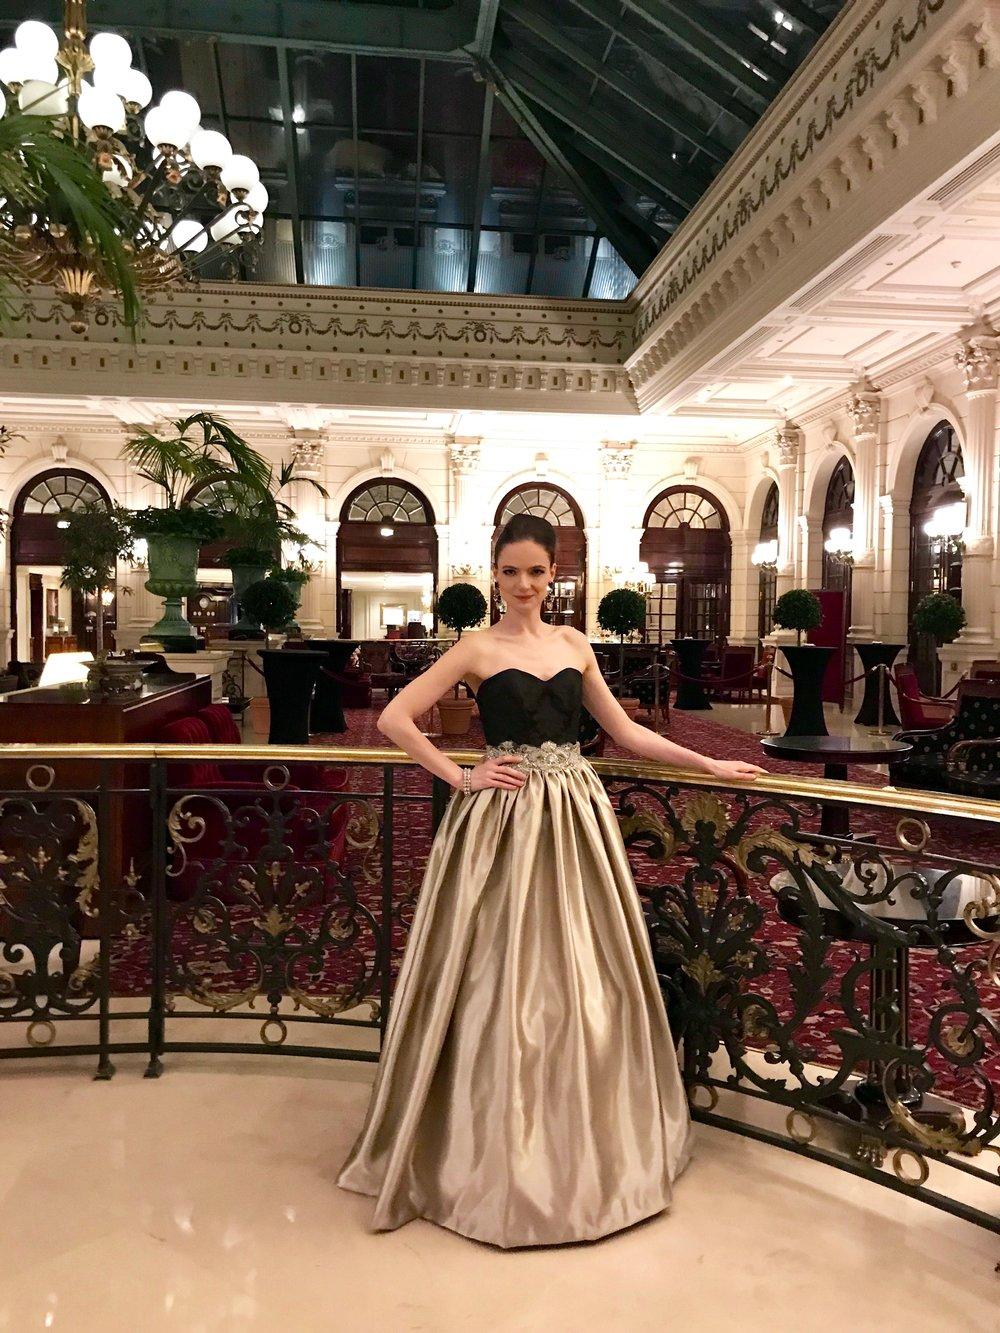 Robe de bal Agnes Szabelewski pour le bal des parisiennes model Malory.jpg